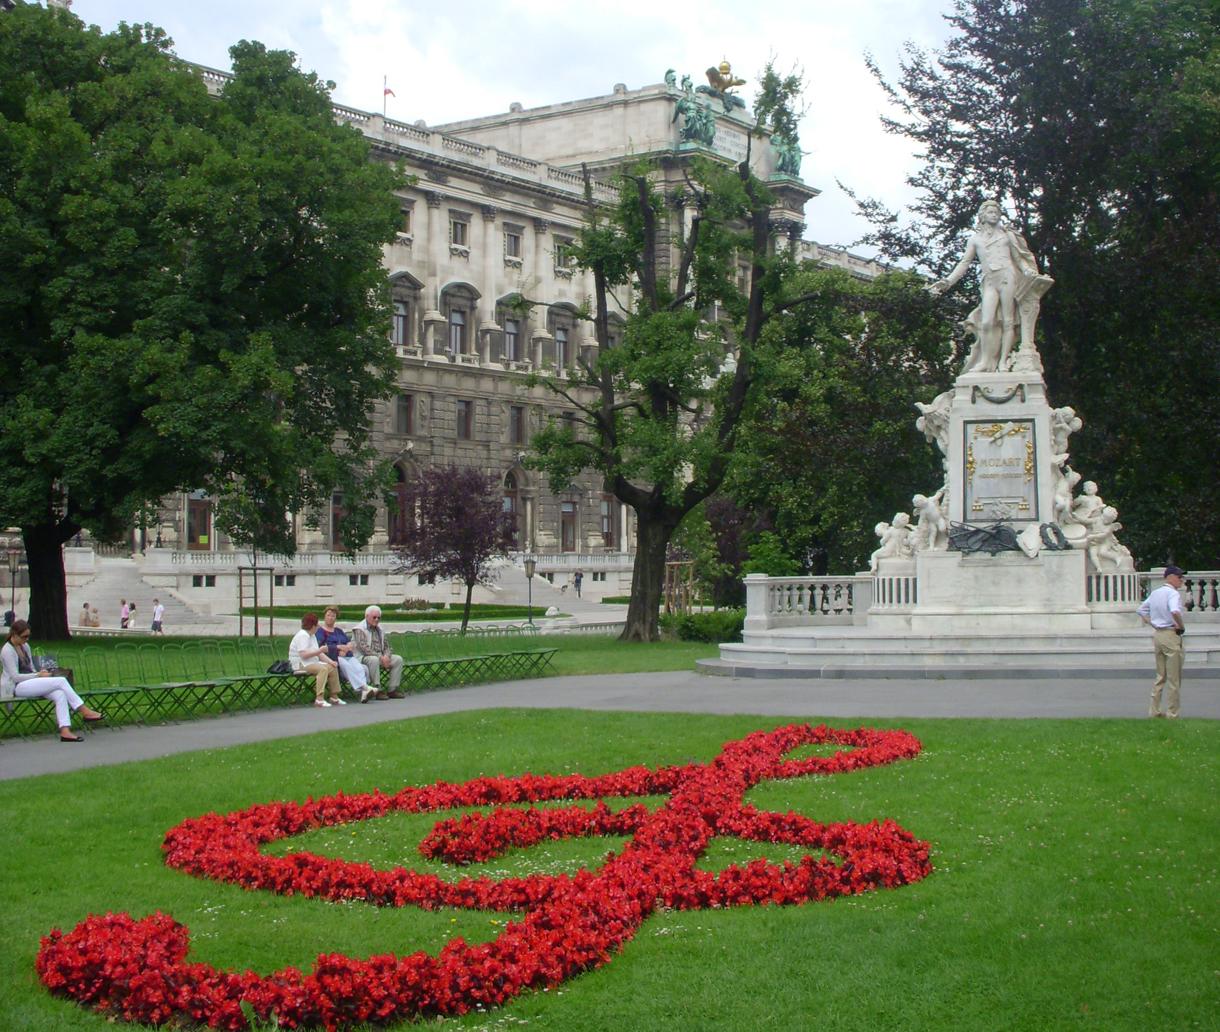 Austria_Vienna_Mozart_statue_in_the_Burggarten_half